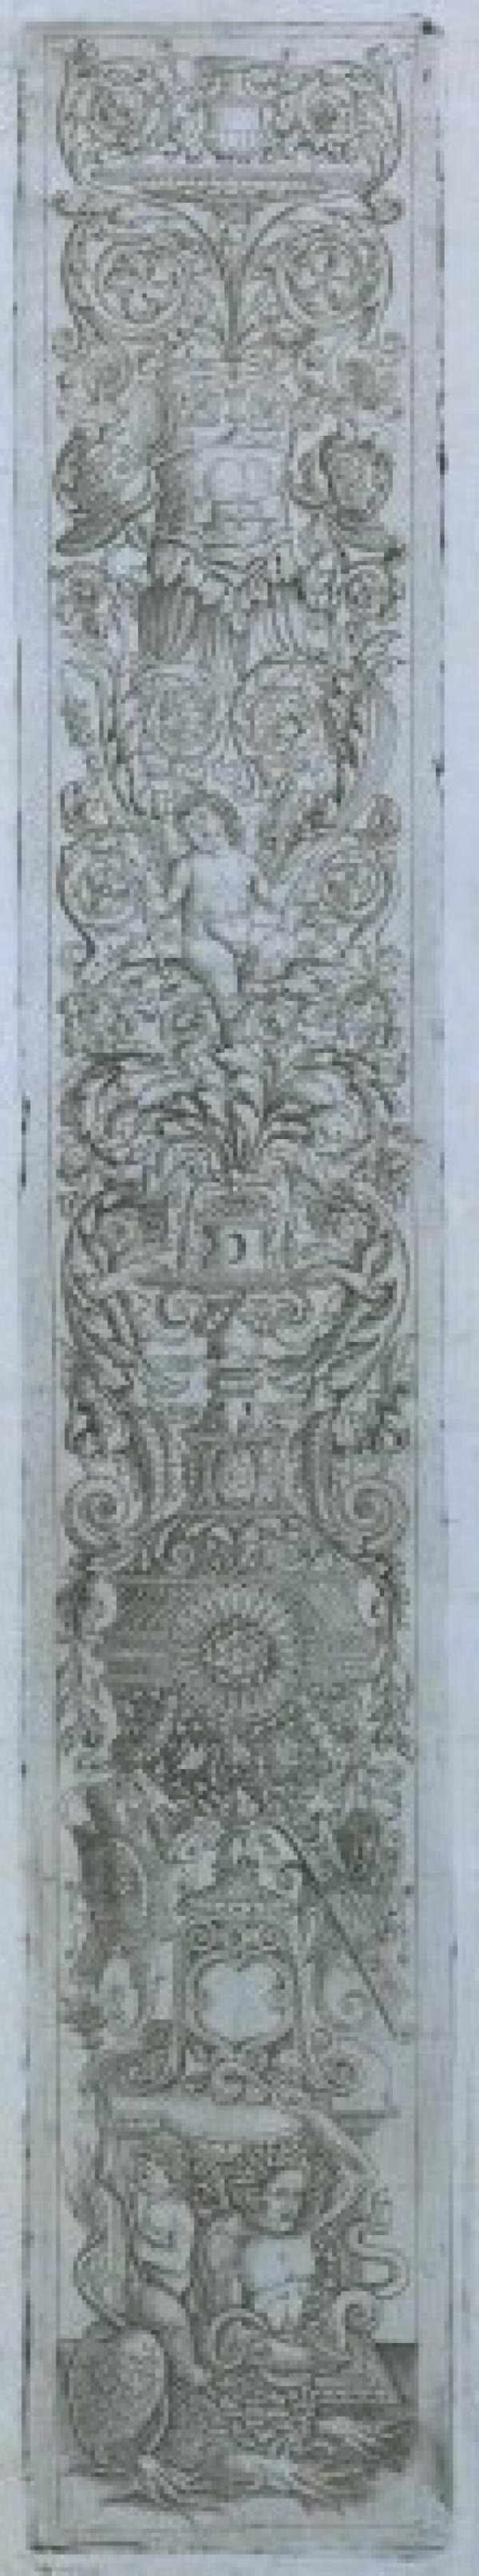 V&A inventory number E.2211-1920, Giovanni Pietro da Birago and Giovanni Antonio da Brescia, Plate from set of 12 ornamental pan